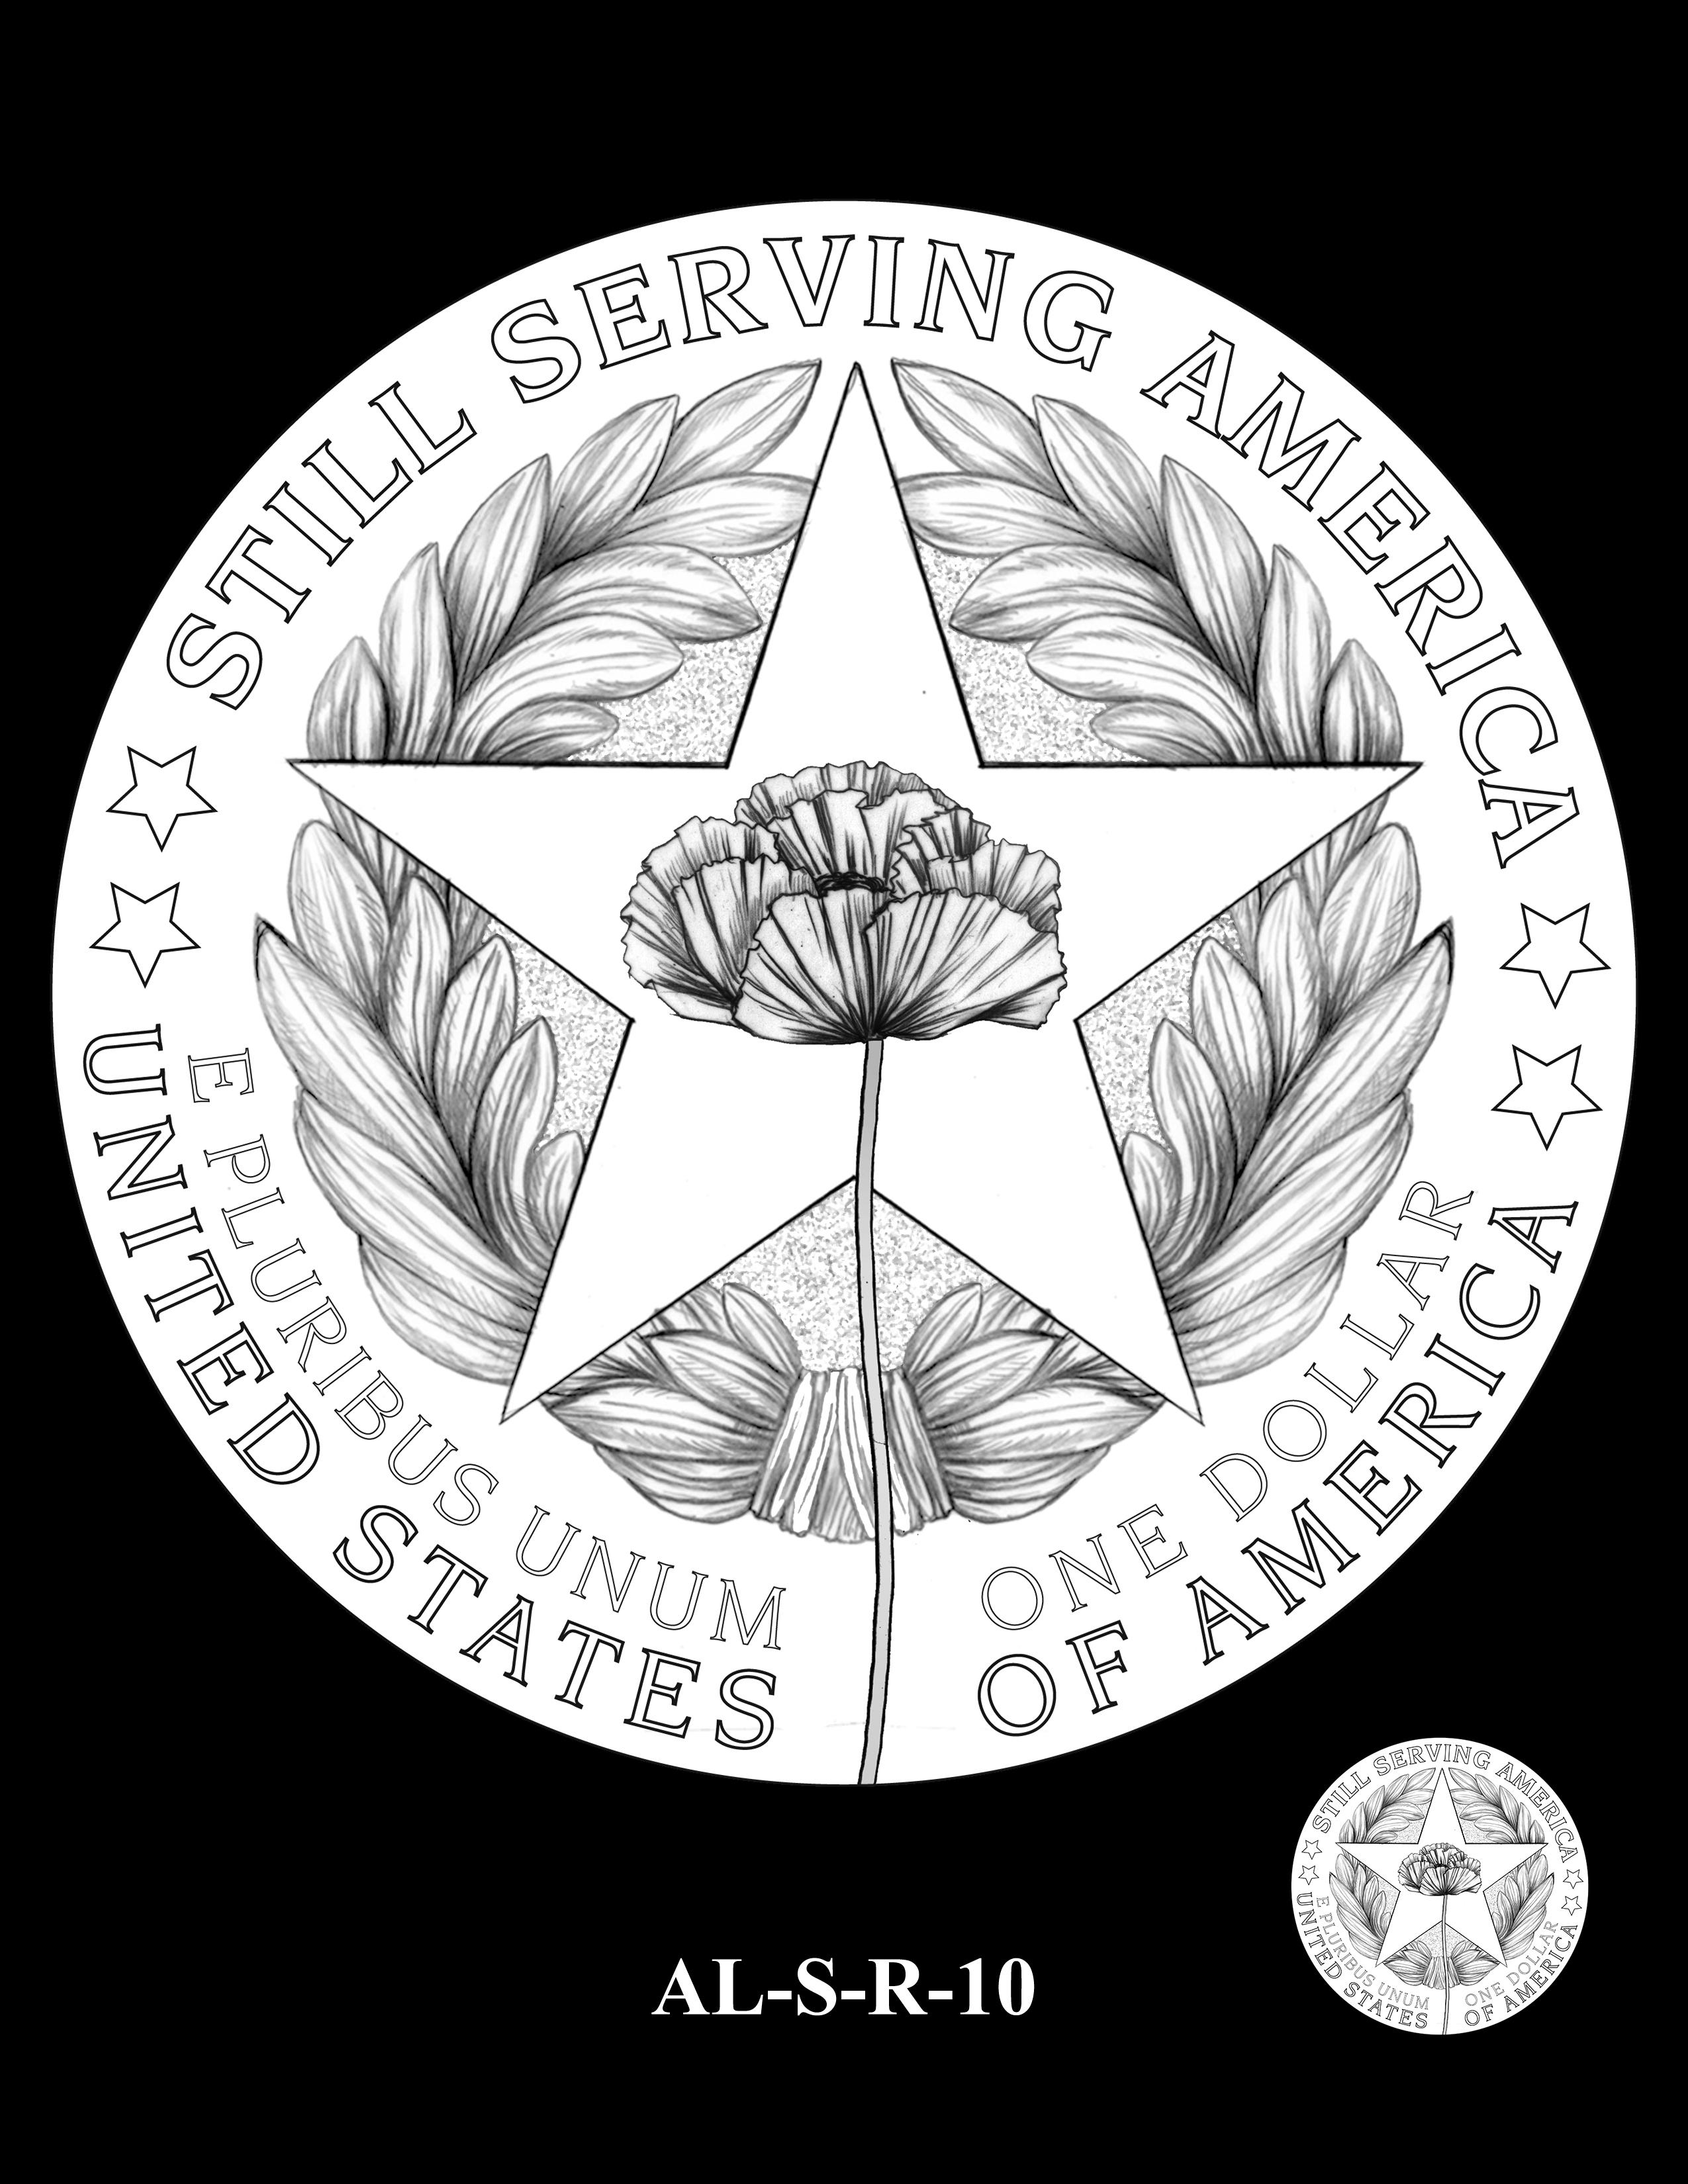 AL-S-R-10 -- 2019 American Legion 100th Anniversary Commemorative Coin Program - Silver Reverse